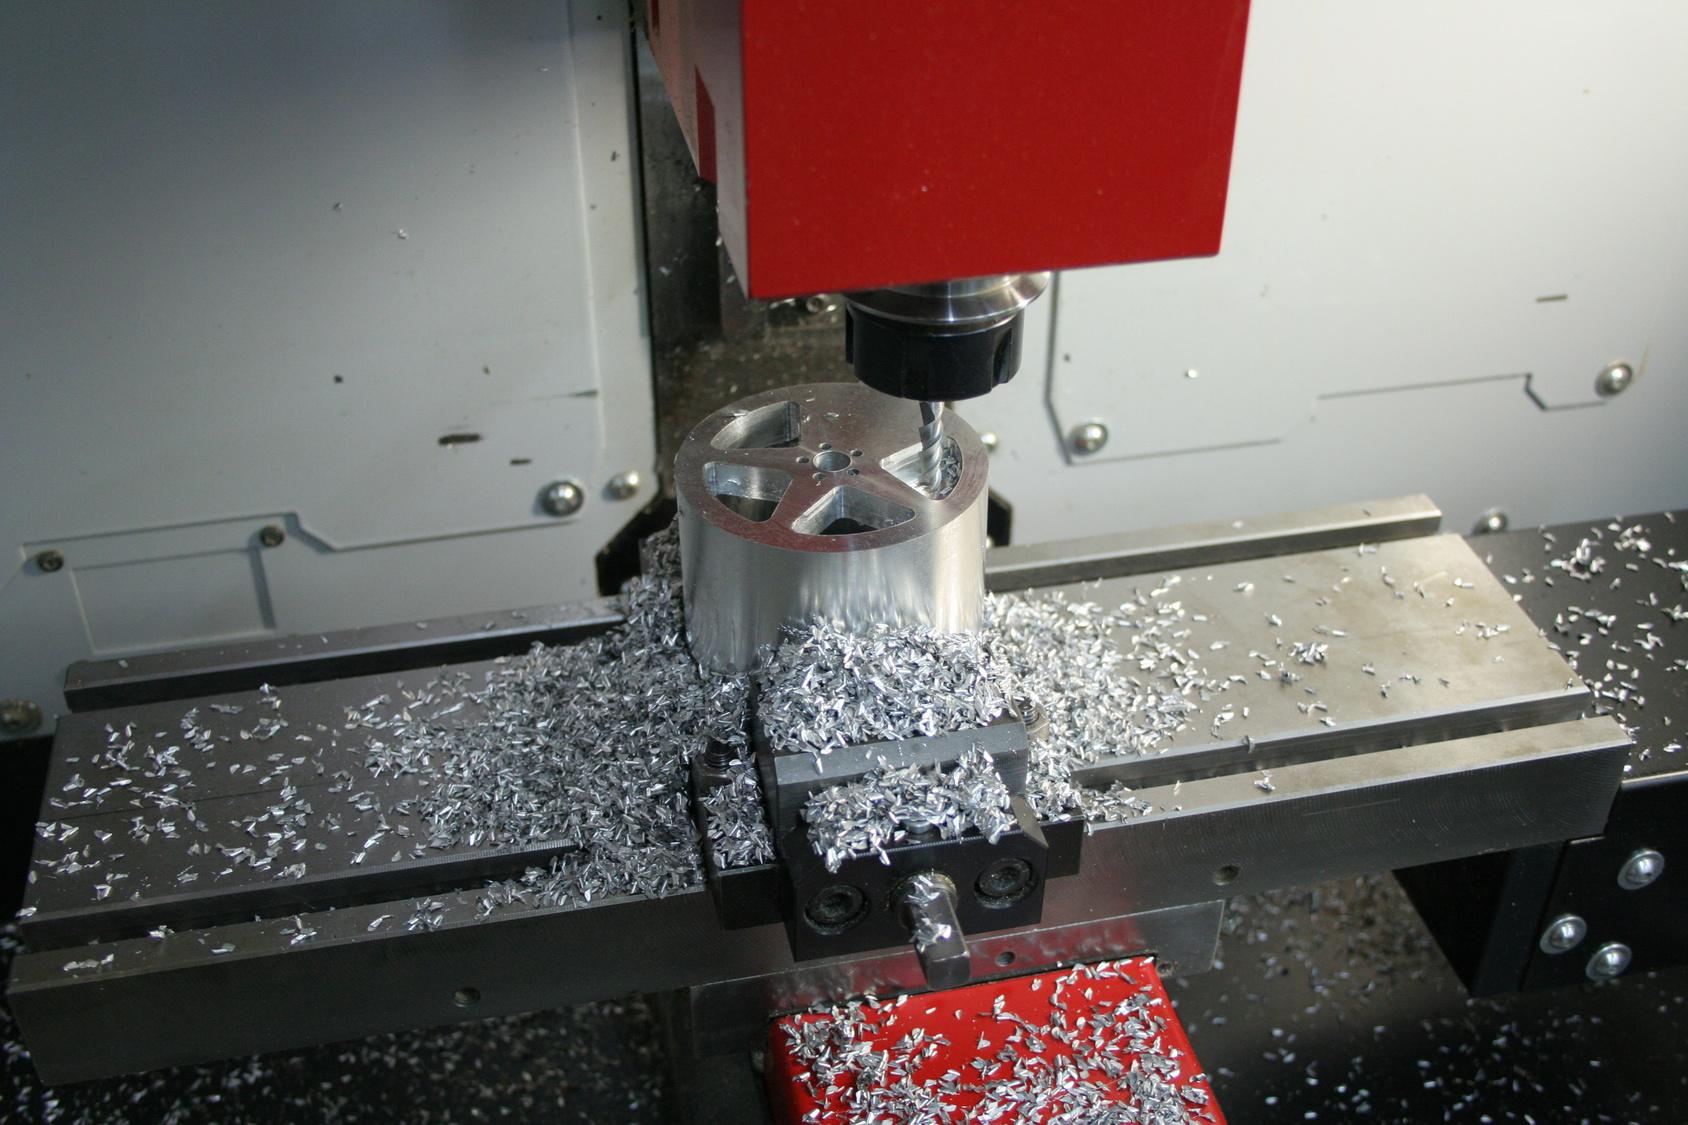 Wieloletnie doświadczenie oraz zaangażowanie zaowocowało otrzymaniem certyfikatu czeskiego producenta maszyn CNC